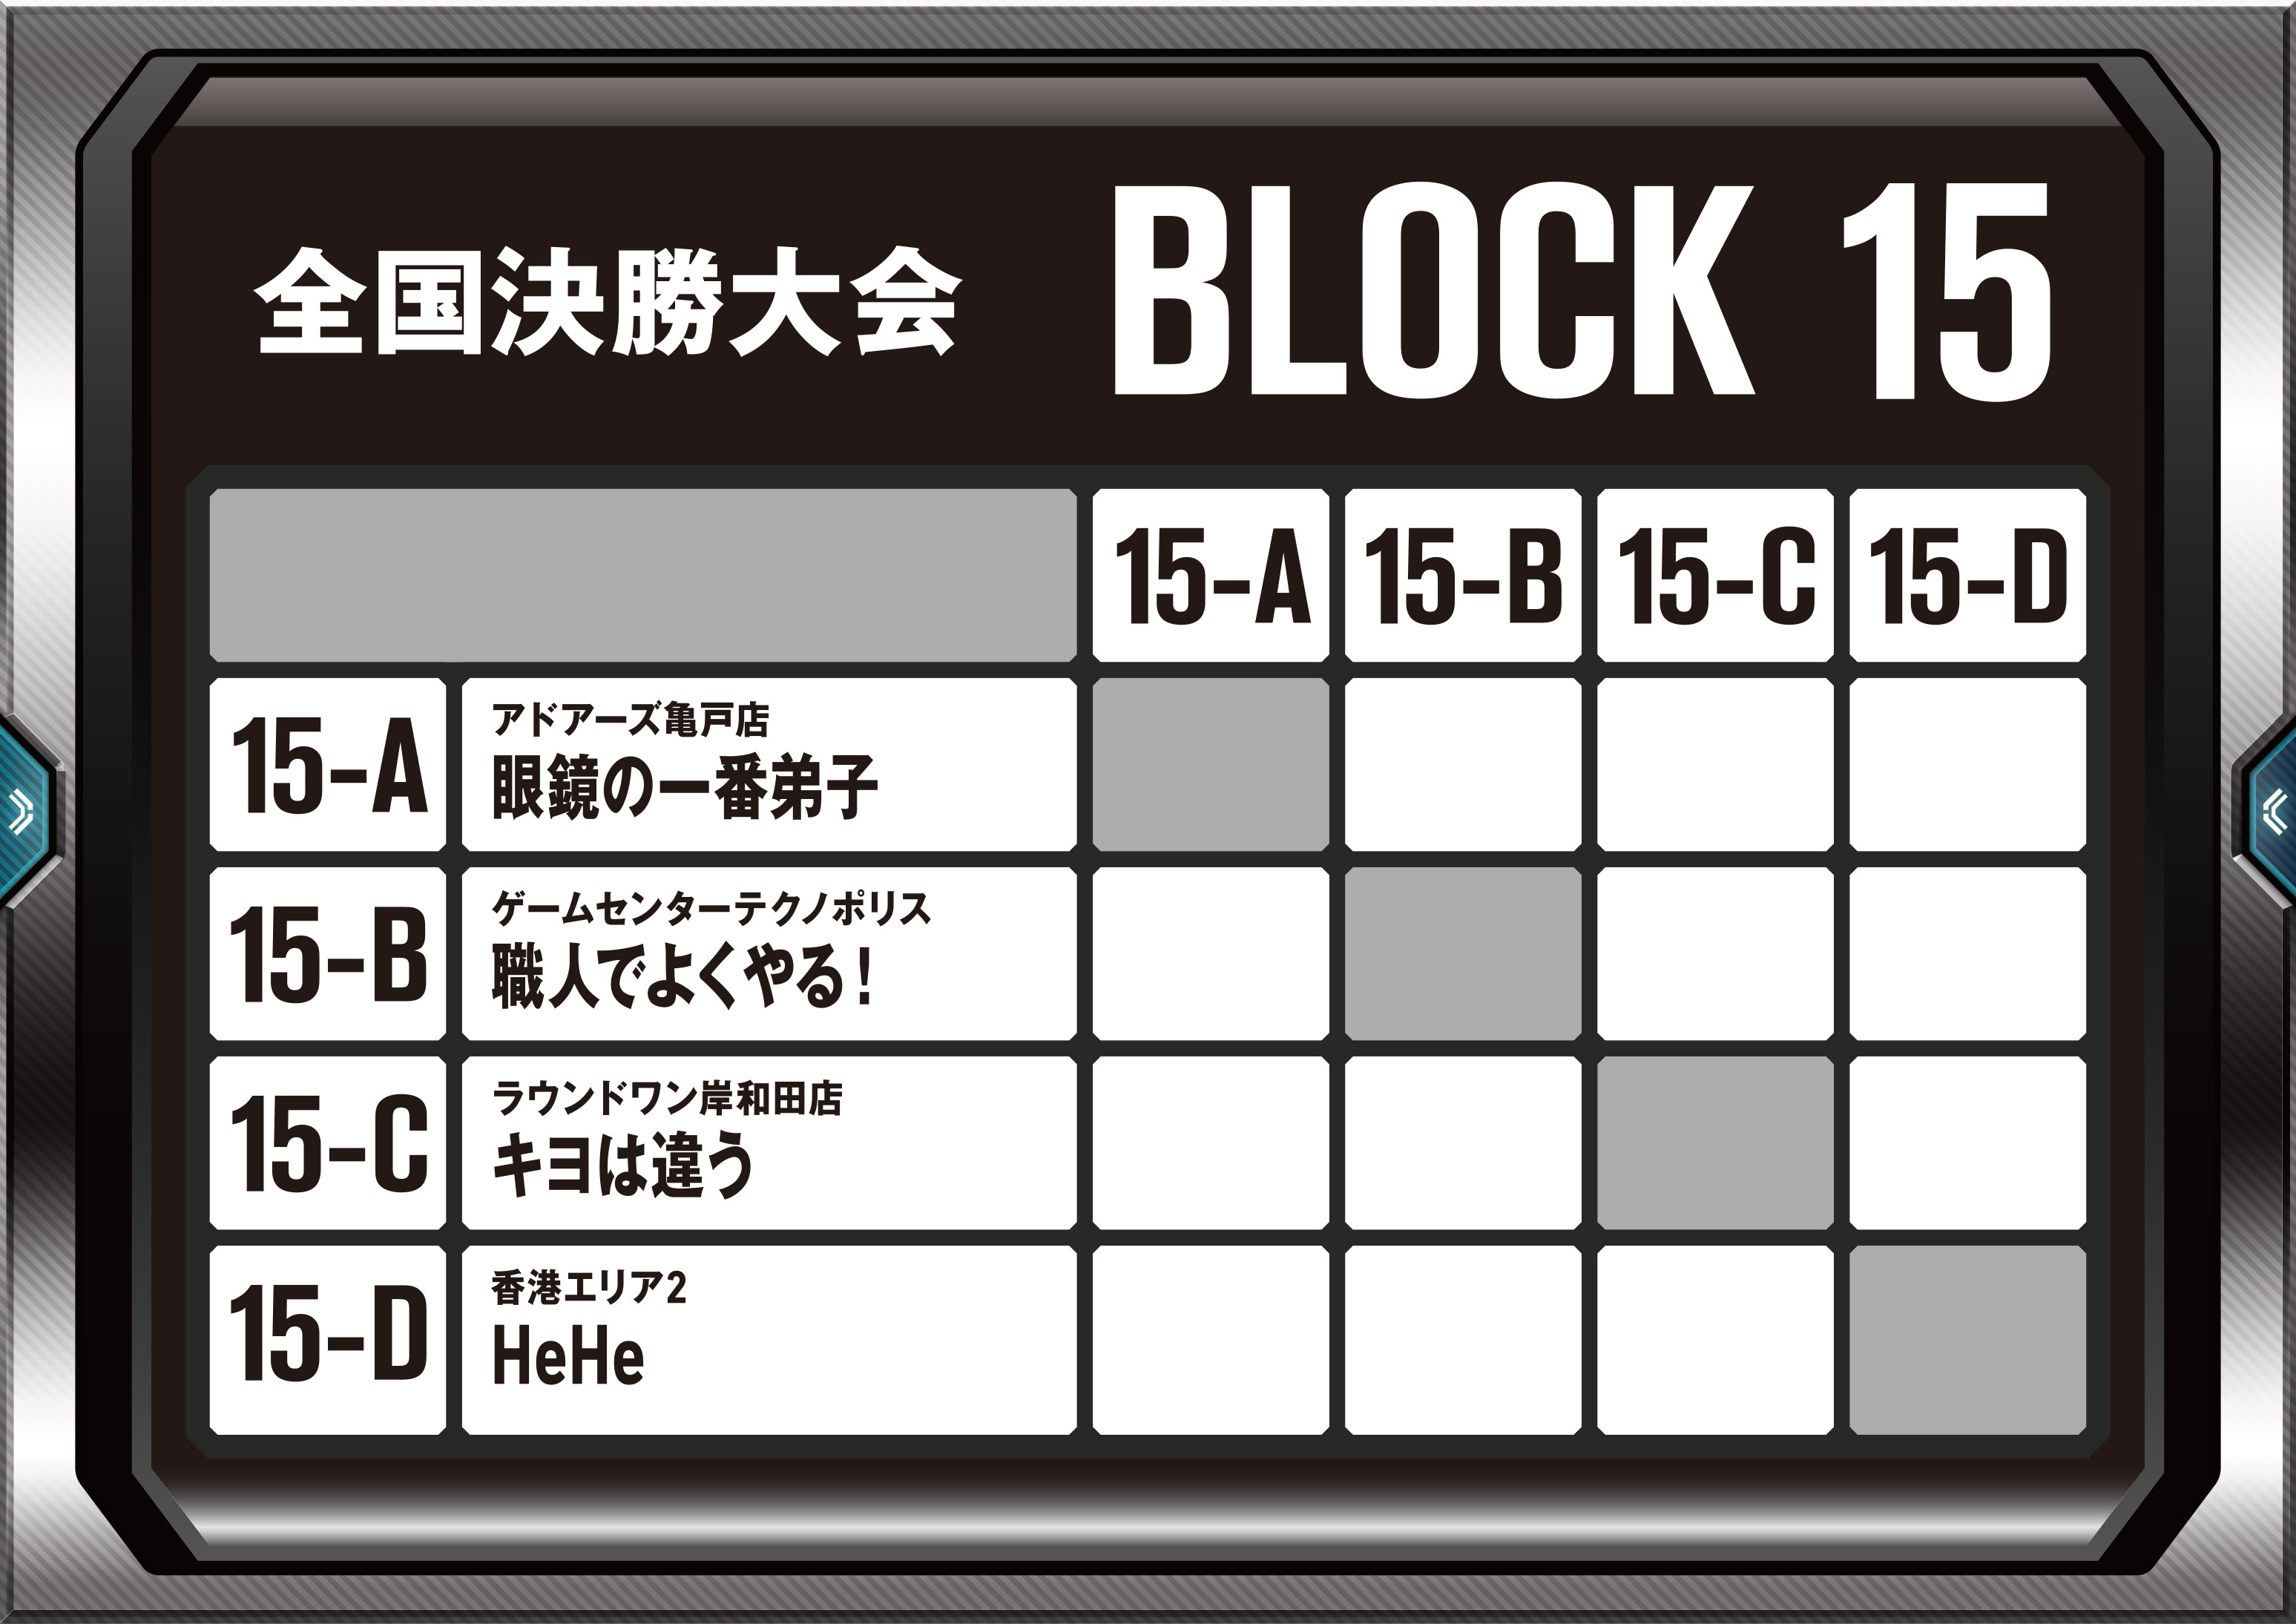 リーグ対戦表ボード書き出し用9_18